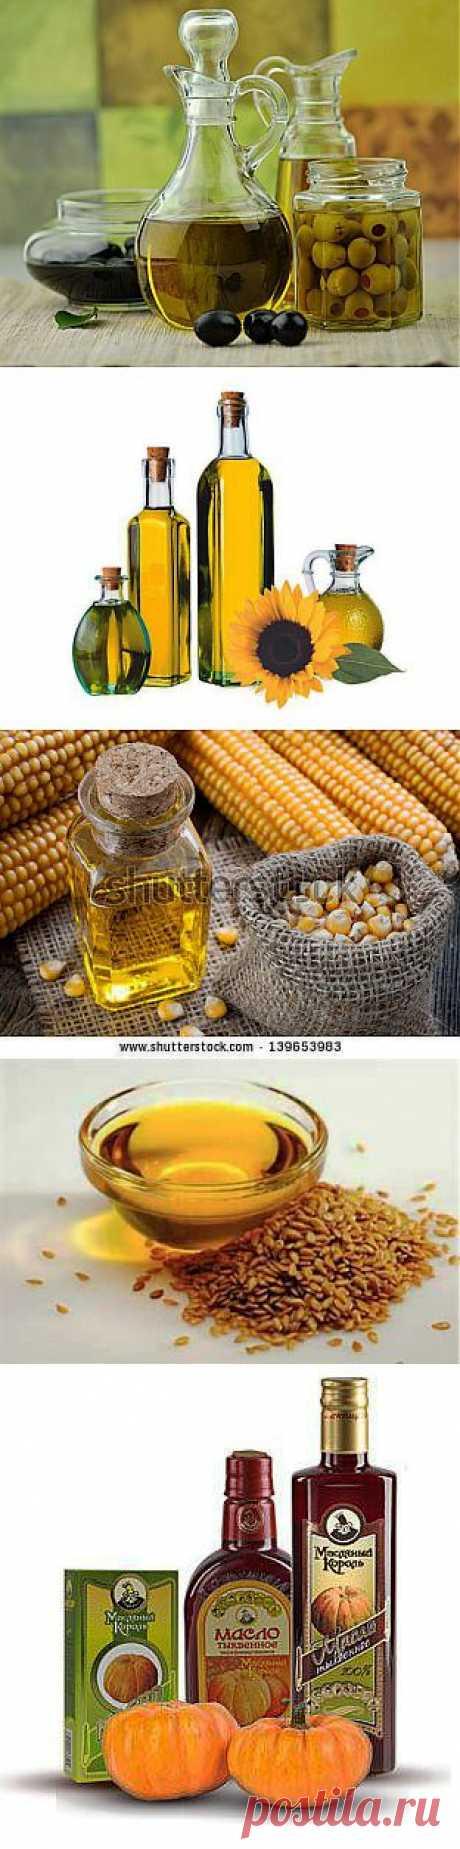 (+1) тема - Растительное масло: виды и польза | ЗДОРОВЫЙ ОБРАЗ